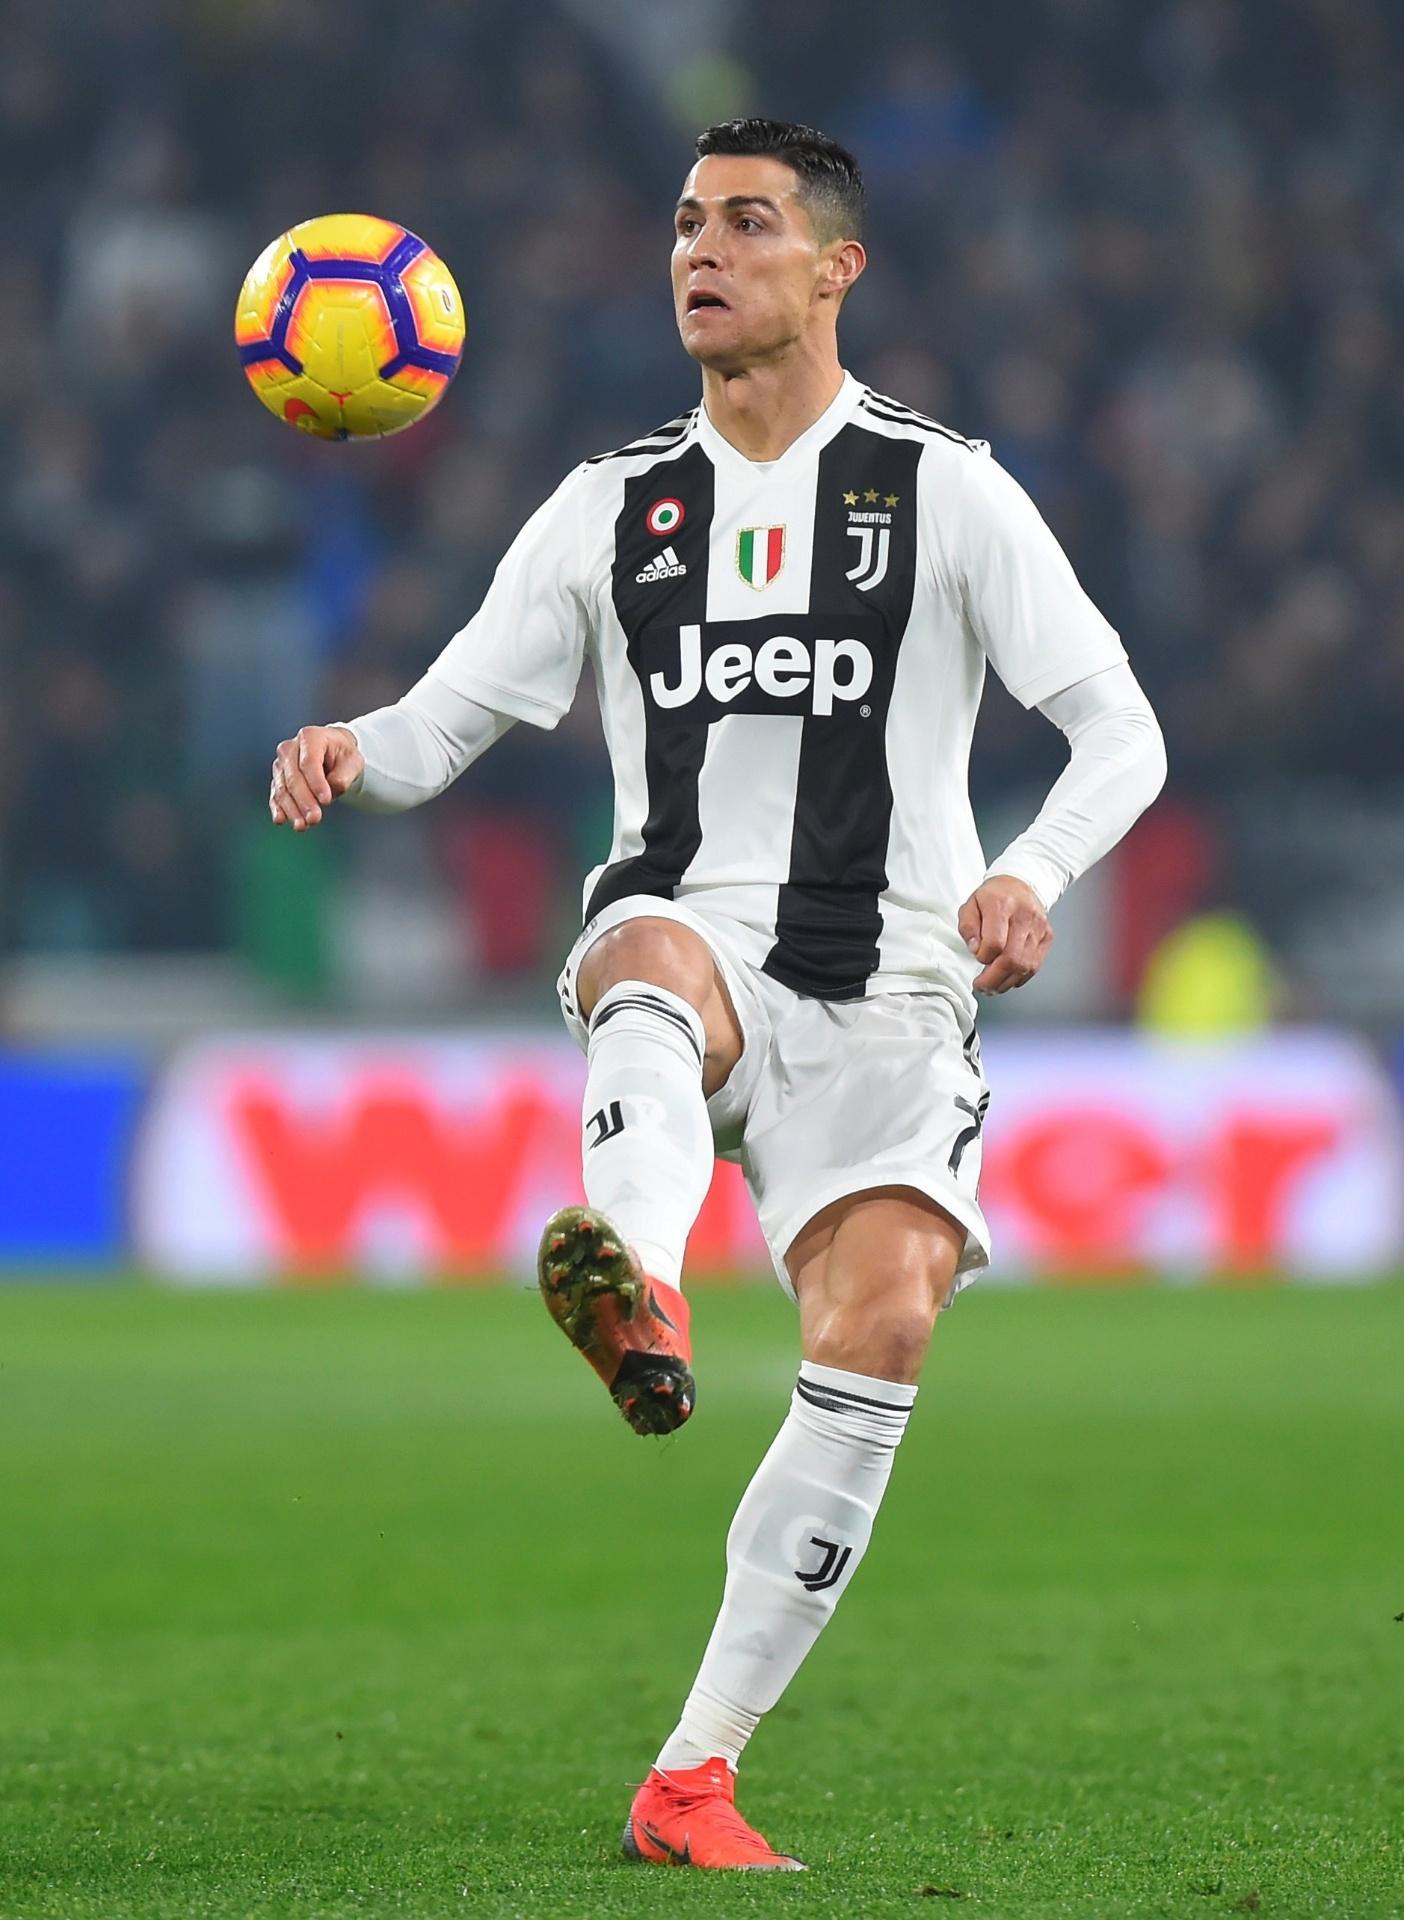 Diretor esportivo revela que Cristiano Ronaldo foi oferecido ao Napoli -  Esporte - BOL 0d2778e26bd84